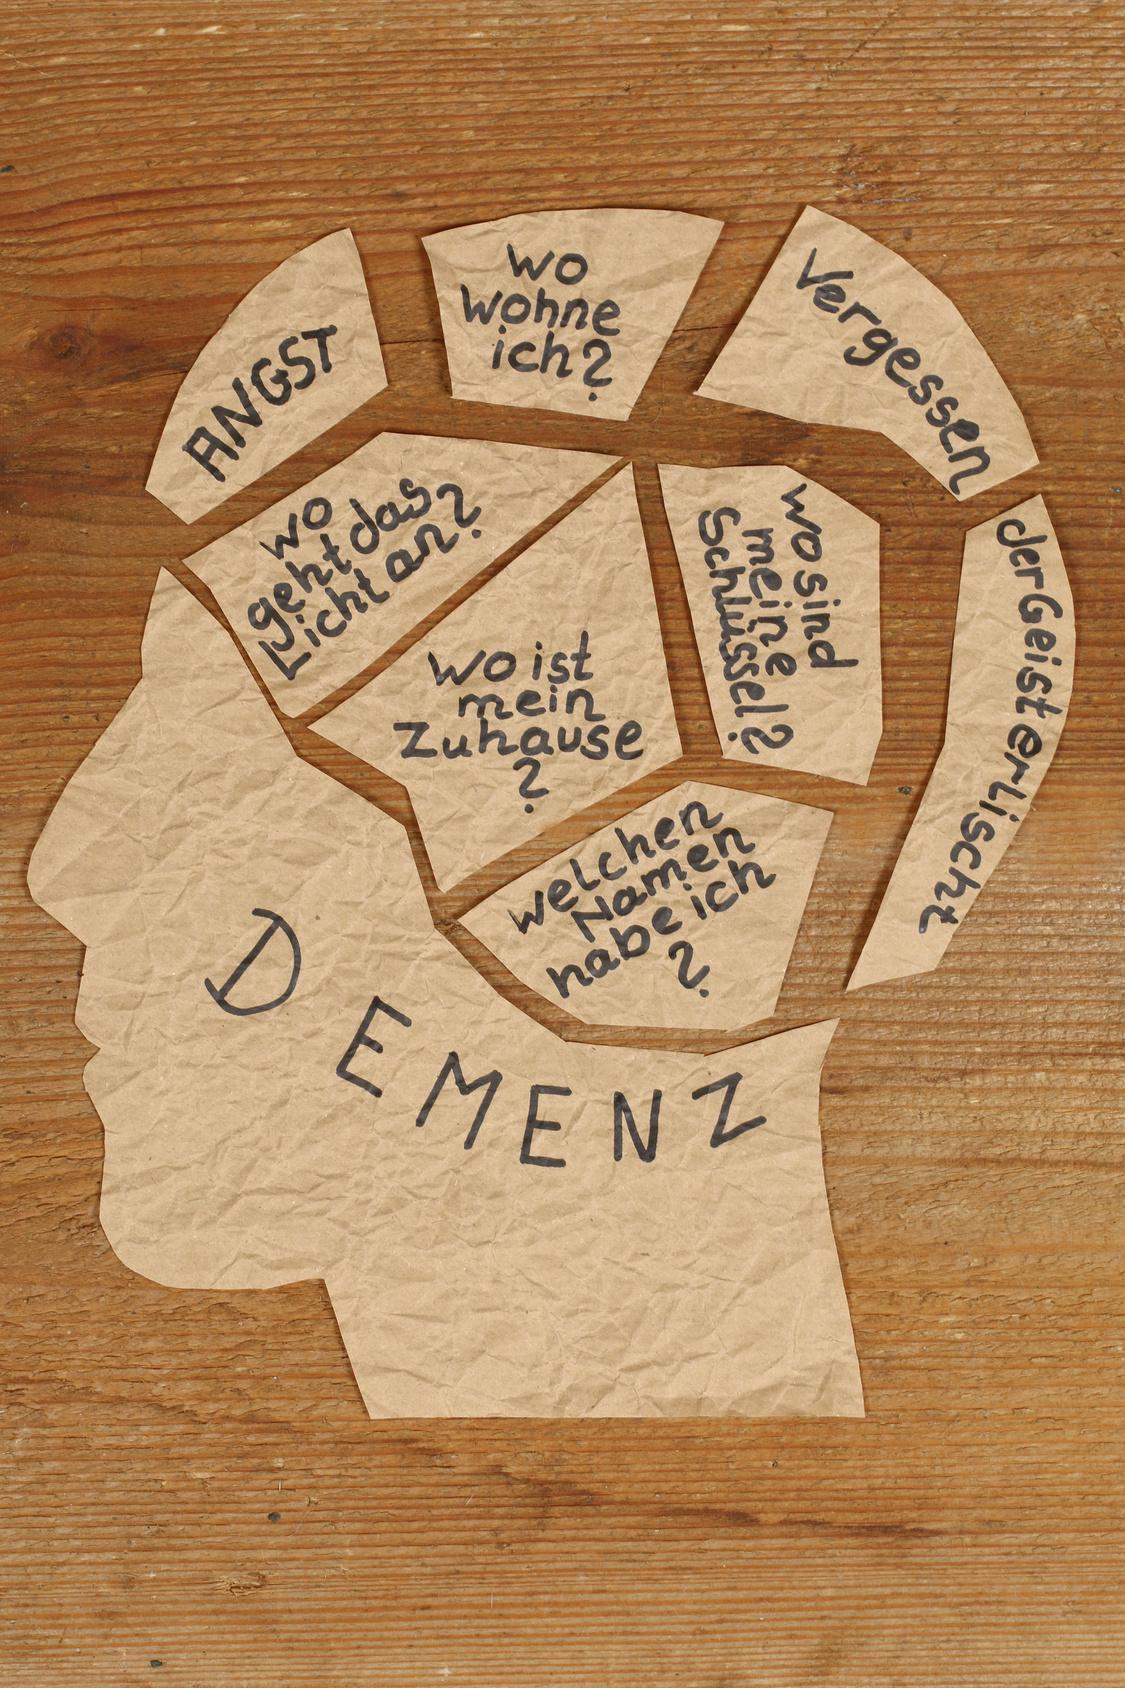 sekundäre demenz verlauf